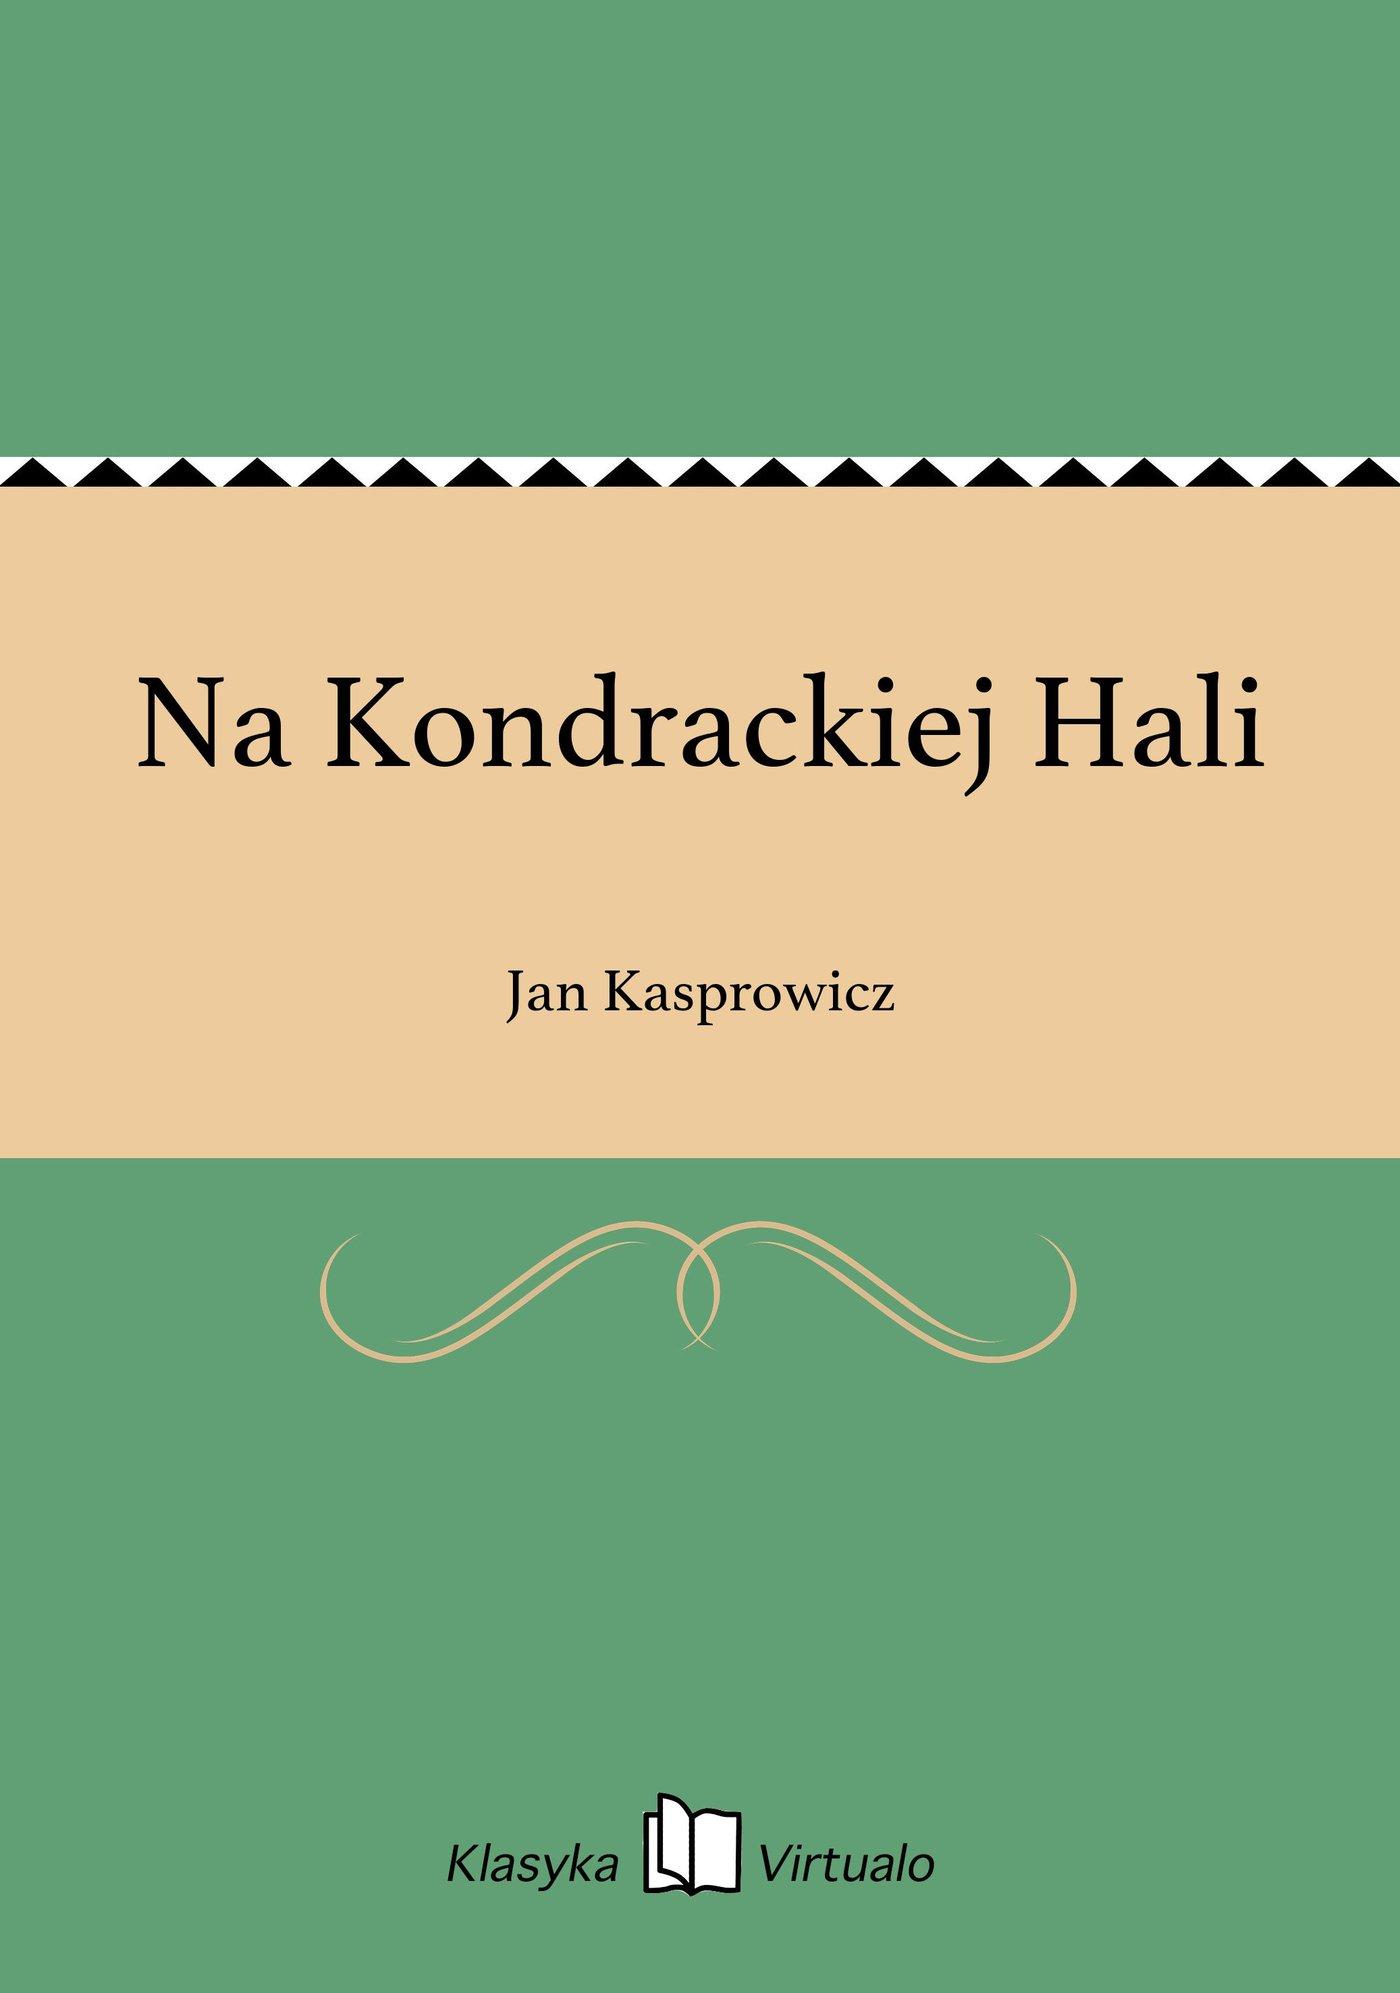 Na Kondrackiej Hali - Ebook (Książka EPUB) do pobrania w formacie EPUB